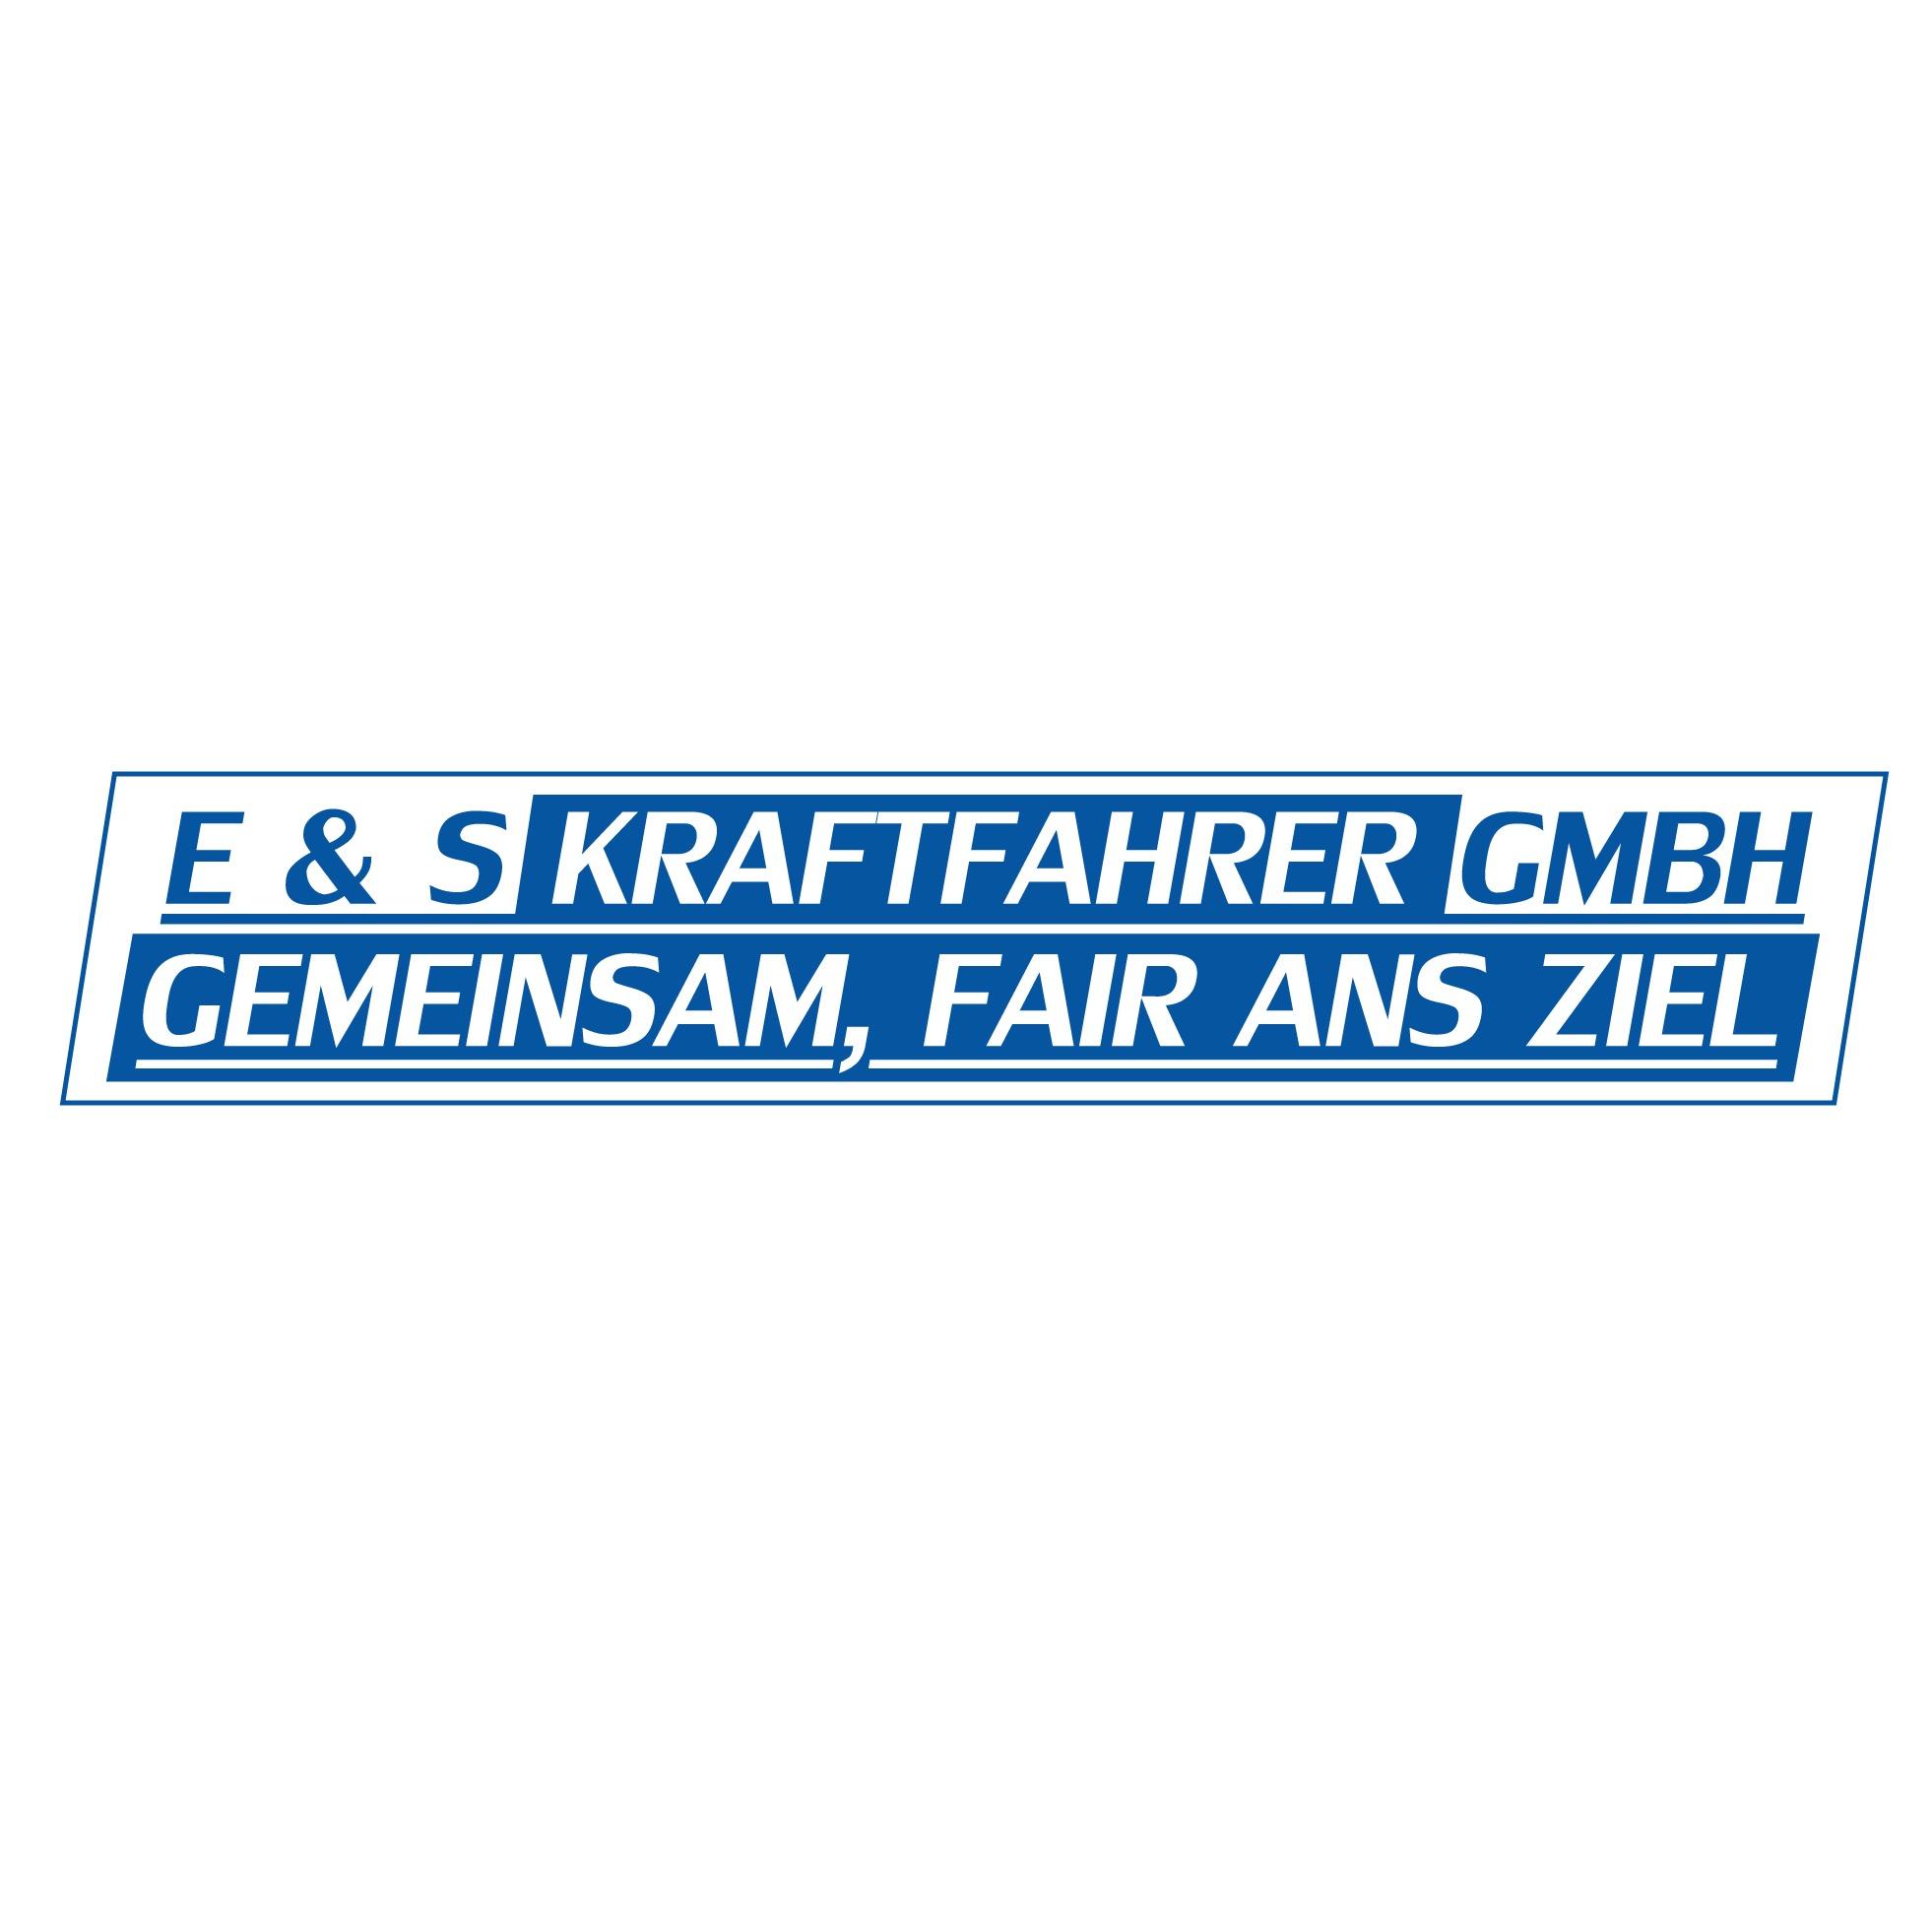 E & S Kraftfahrer GmbH